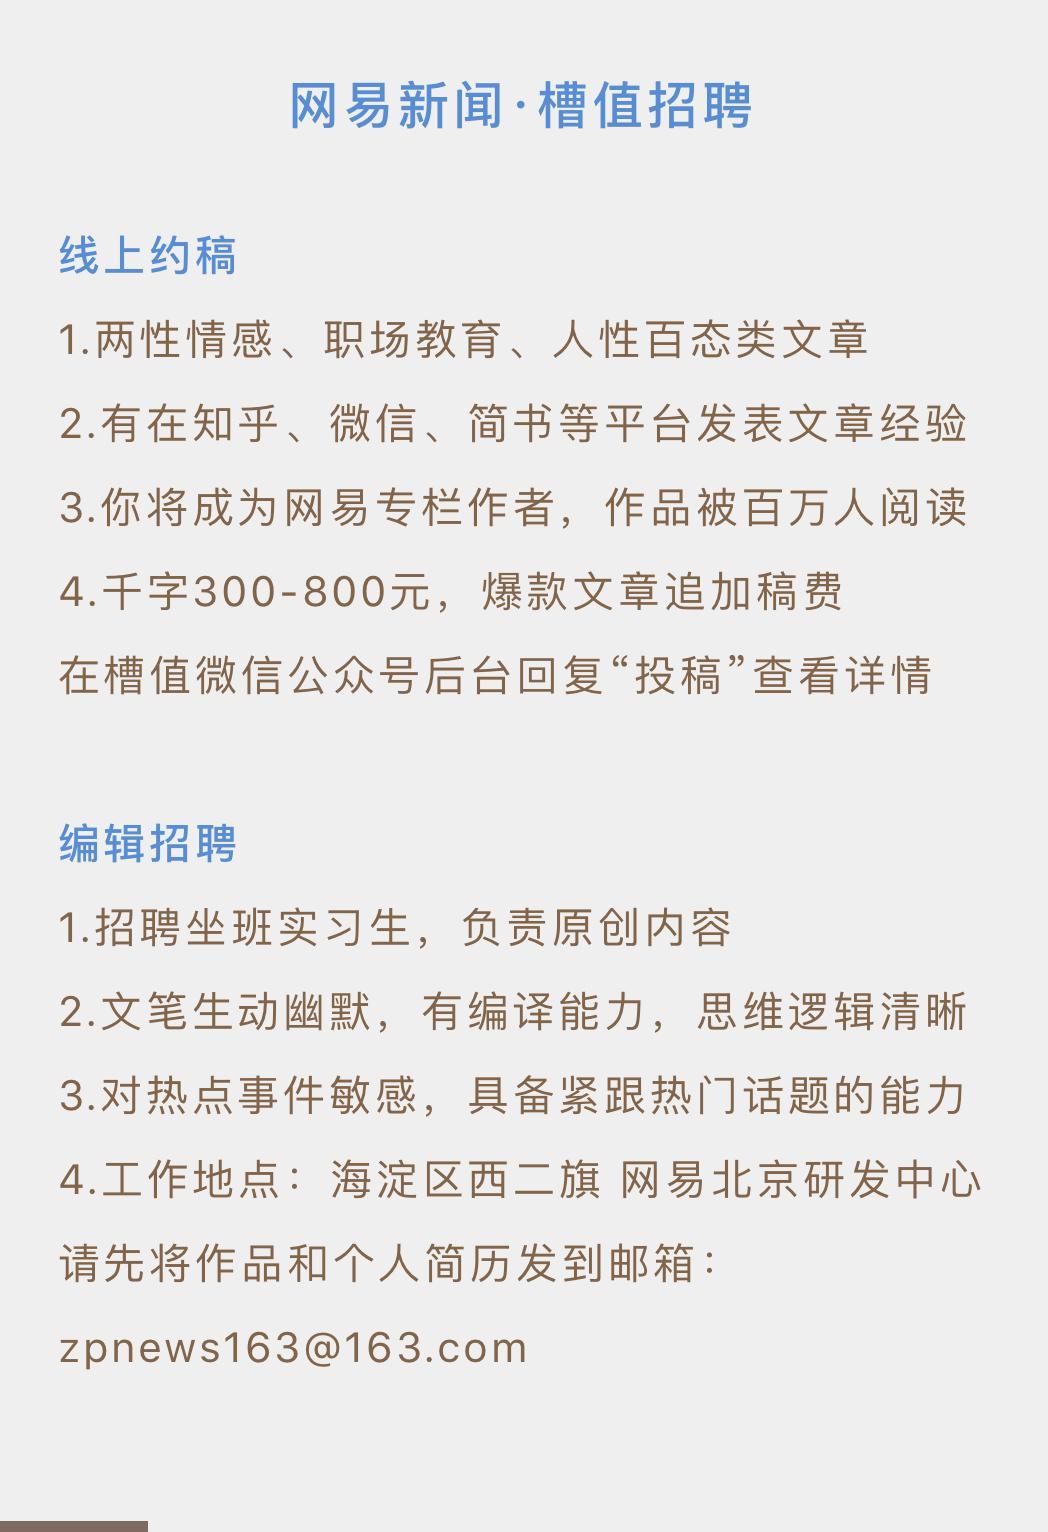 中国女孩在海外排队等待判刑,这些骗局你必须懂